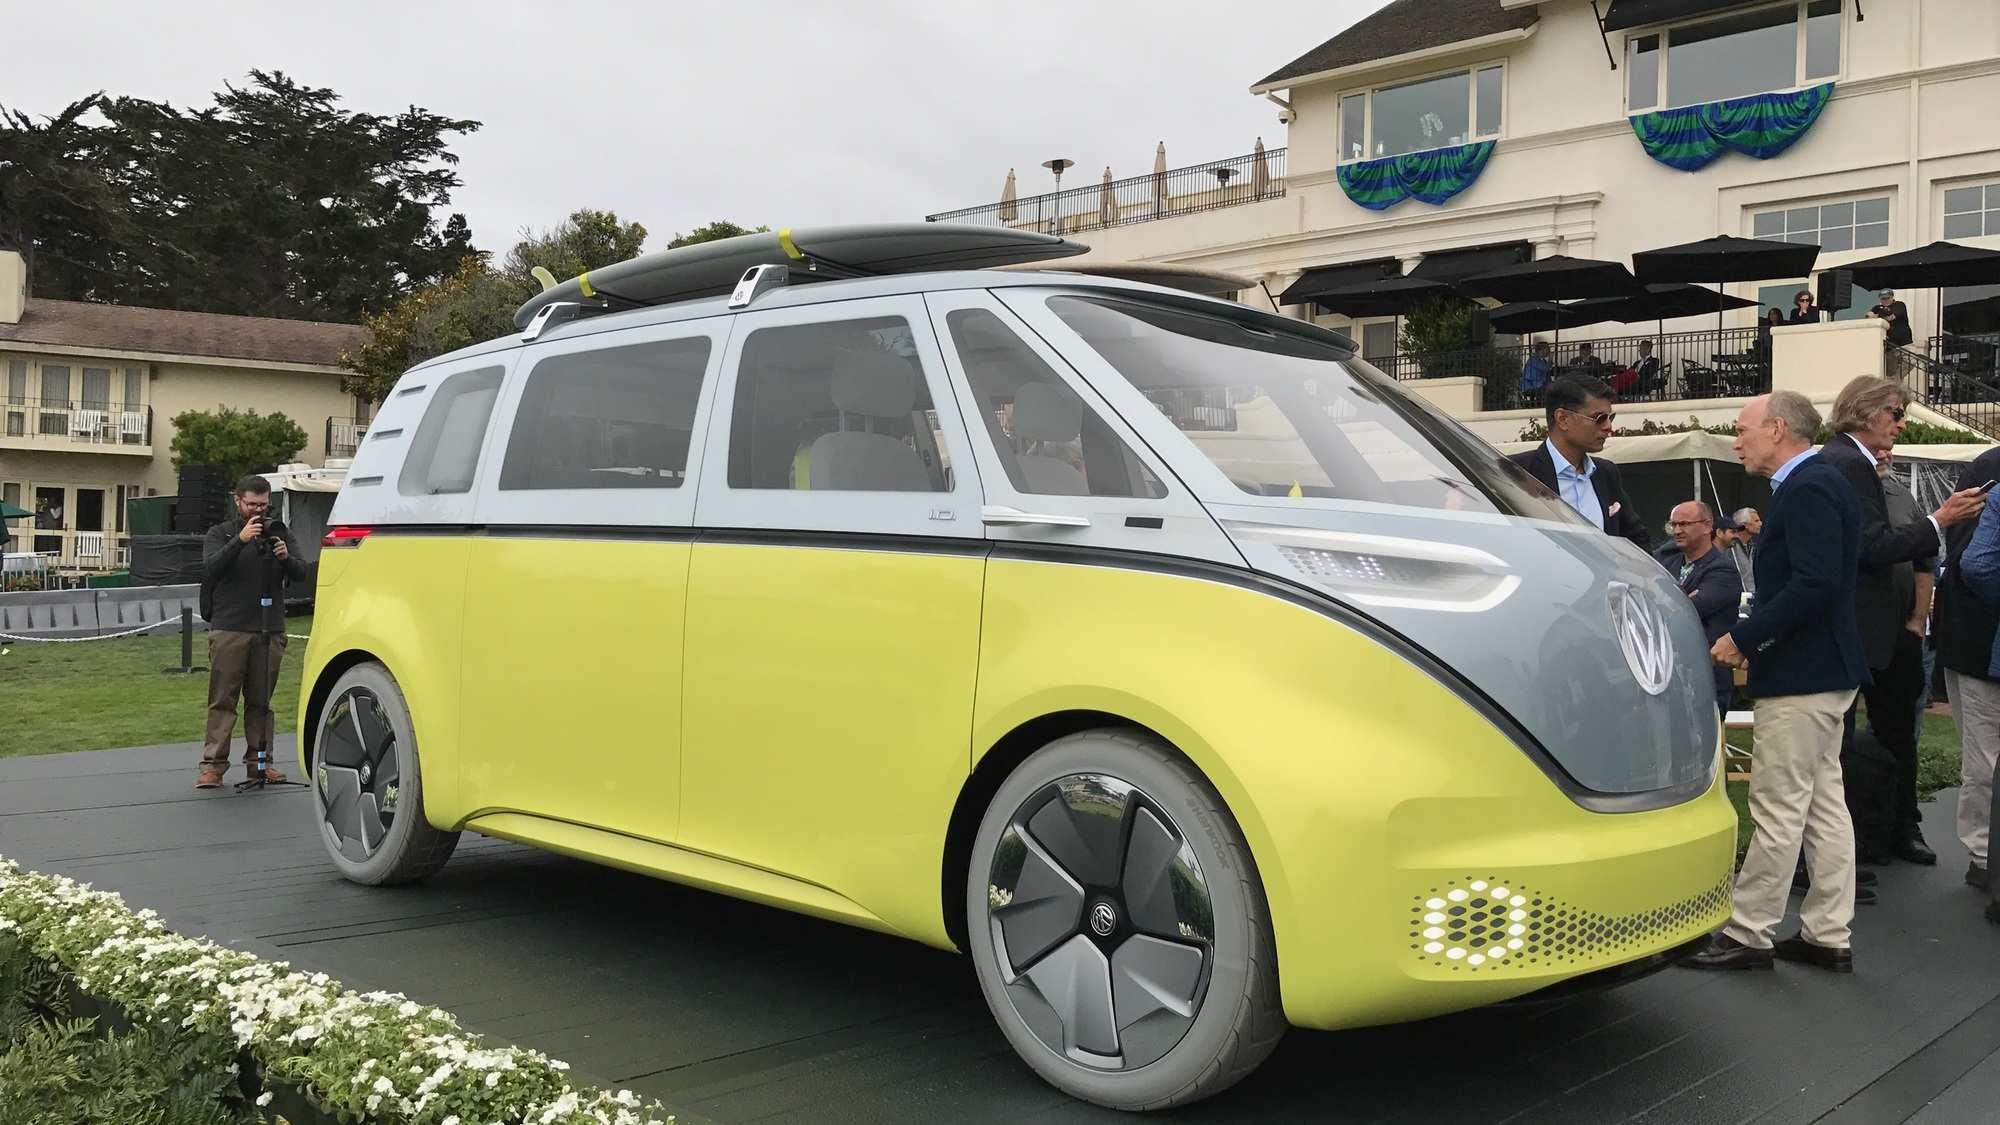 20 New Volkswagen Vanagon 2020 Picture with Volkswagen Vanagon 2020